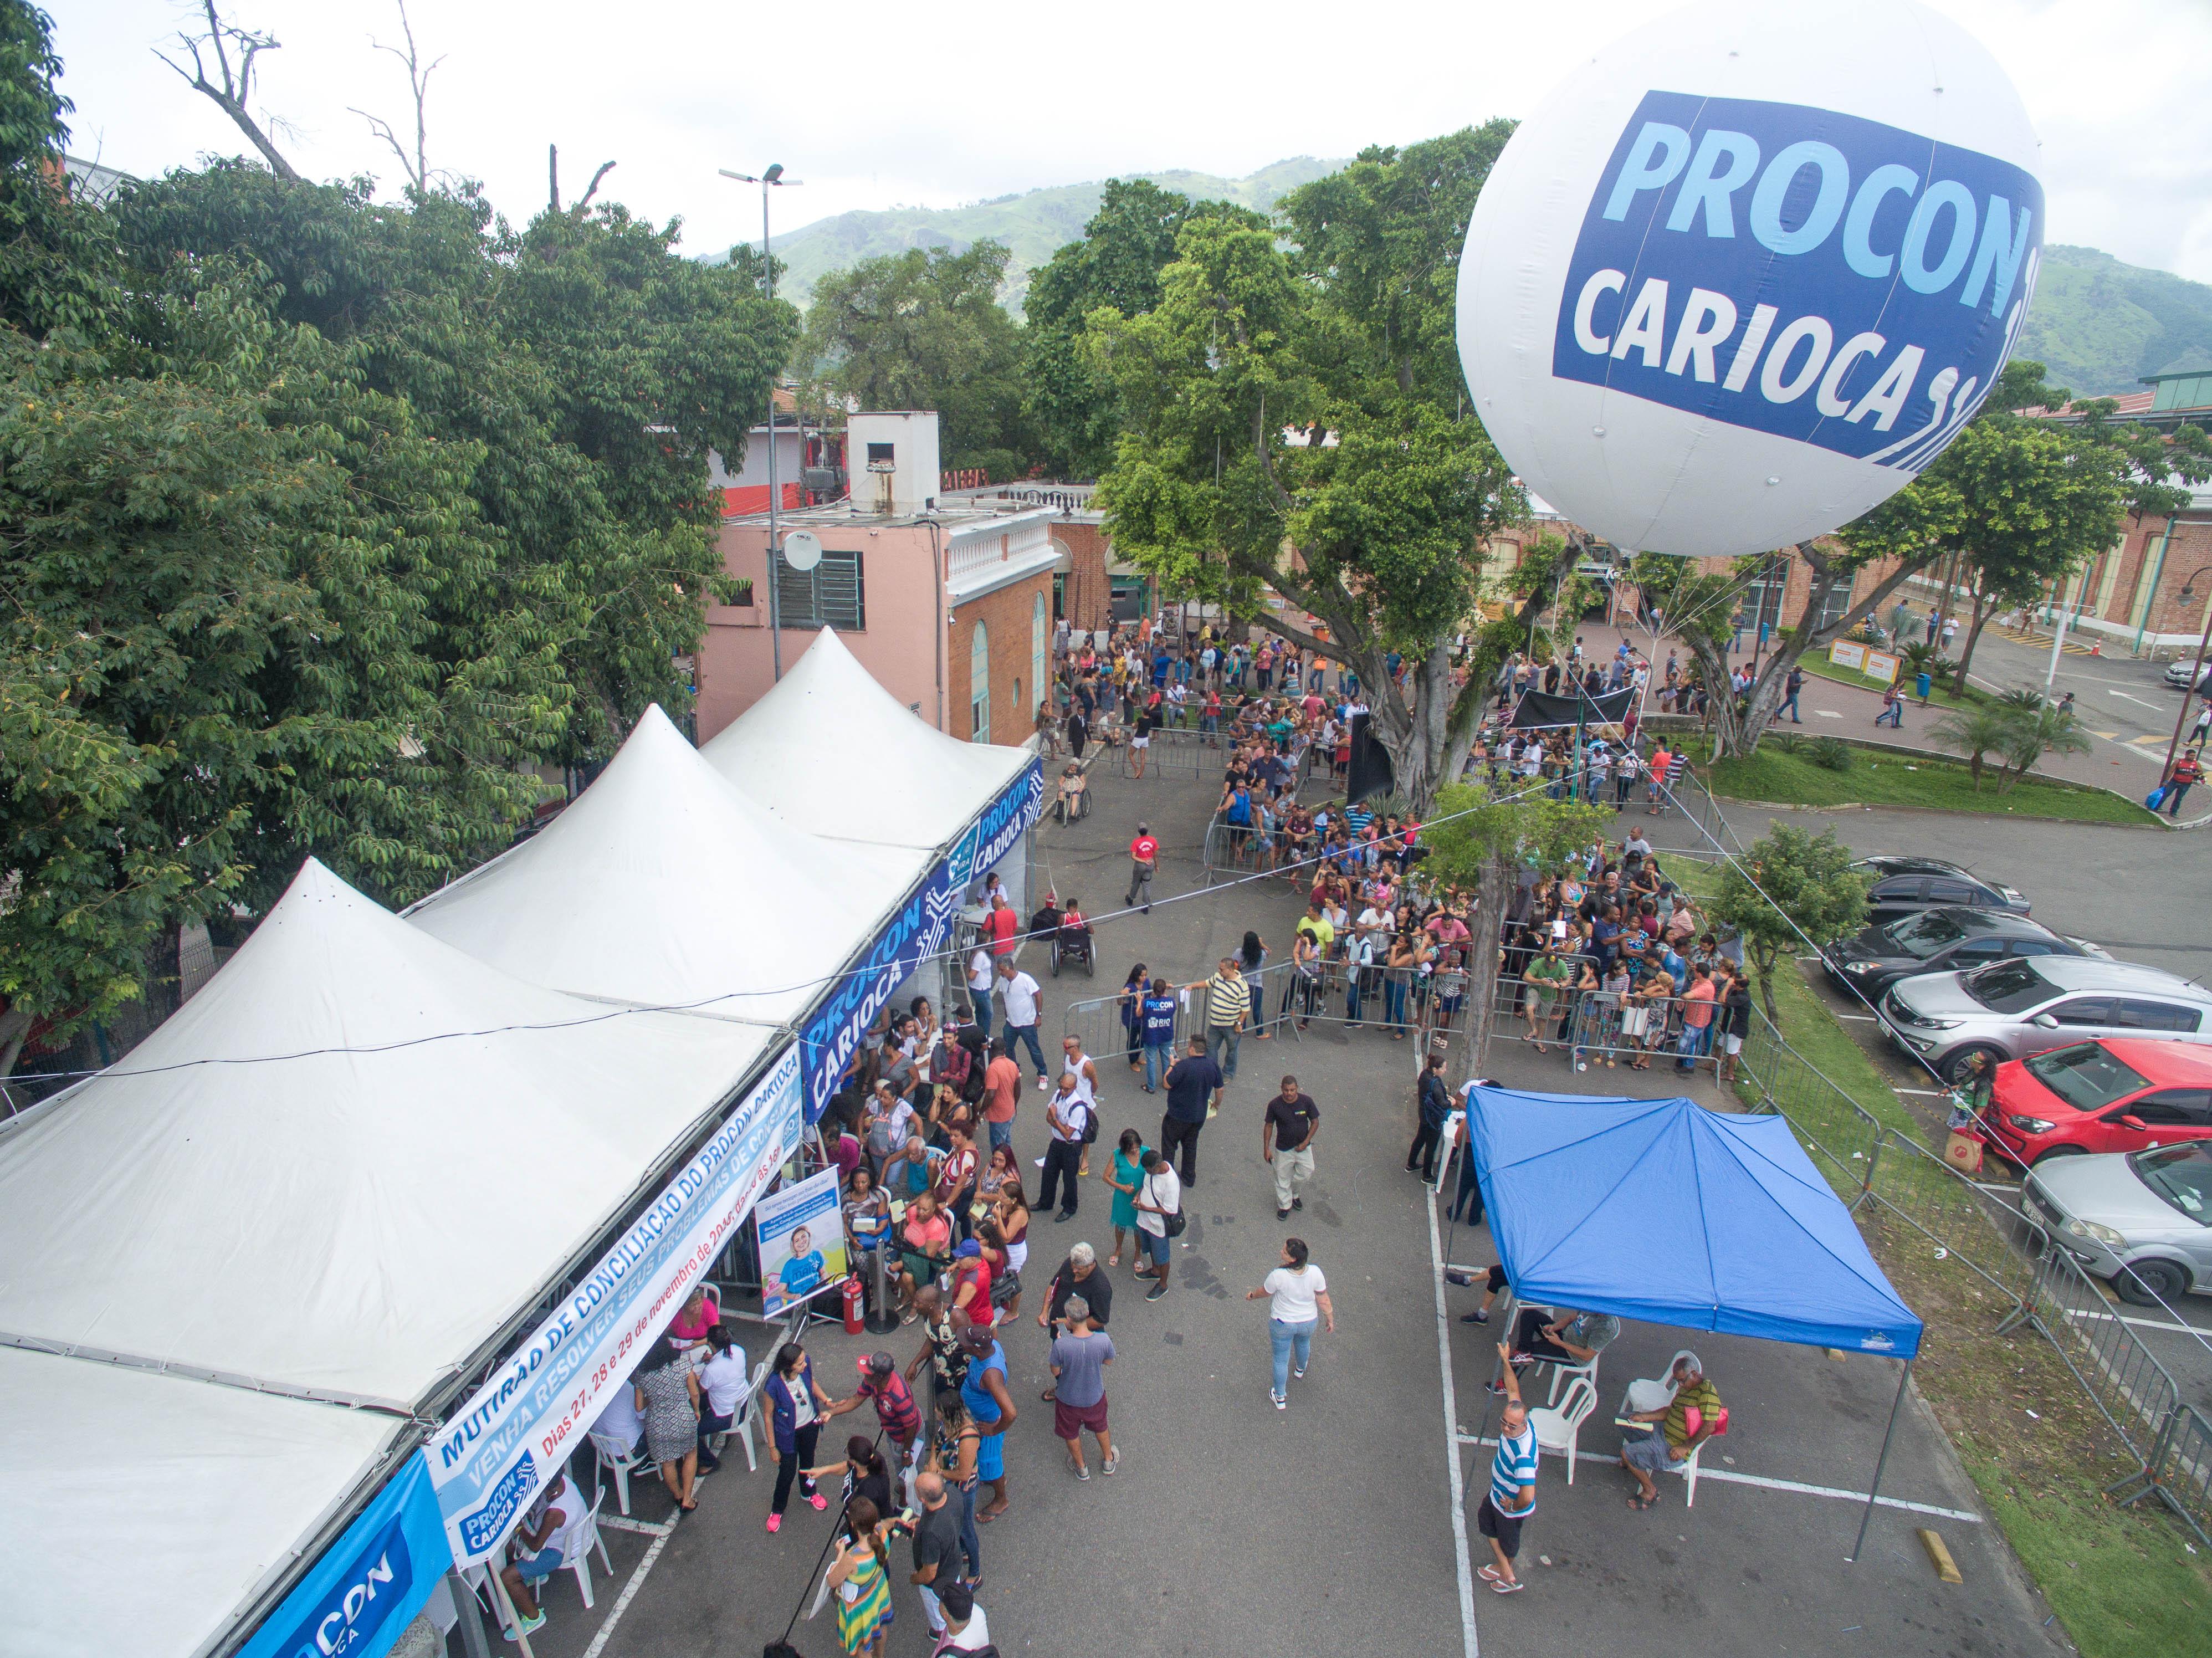 Mutirão do Procon Carioca termina  com mais de 2.700 atendimentos